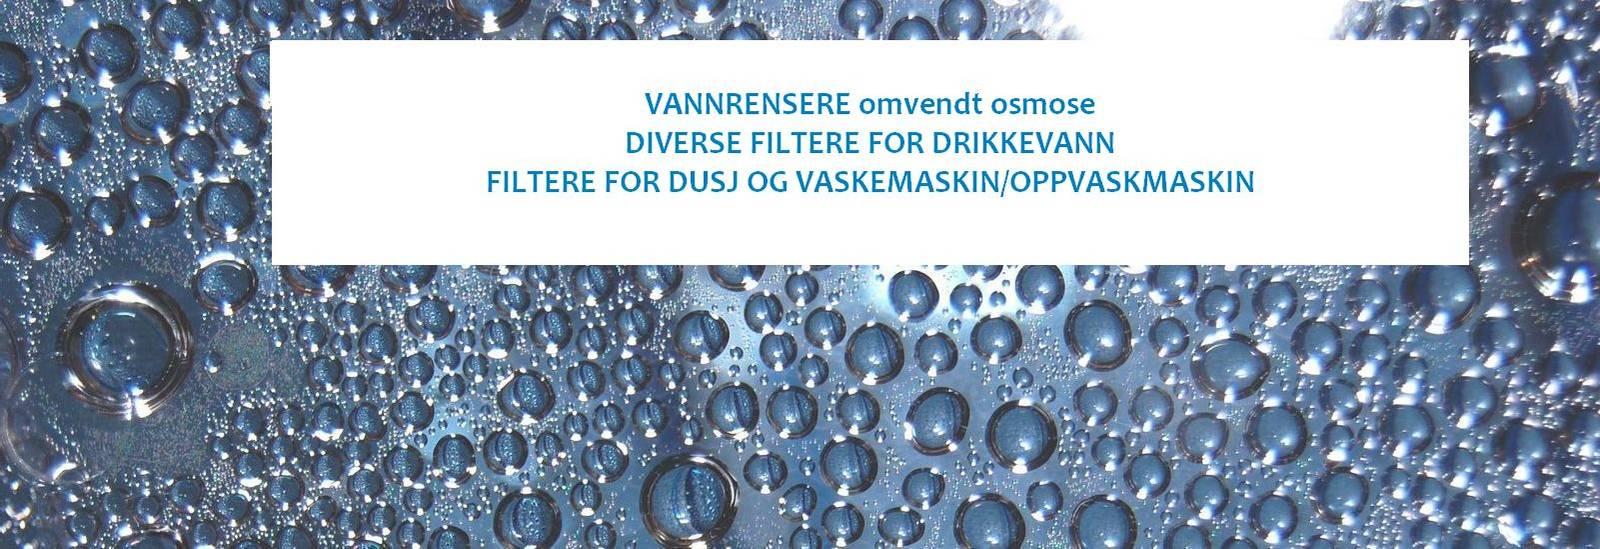 drikkevann vannfiltere renset vann dusjfiltere